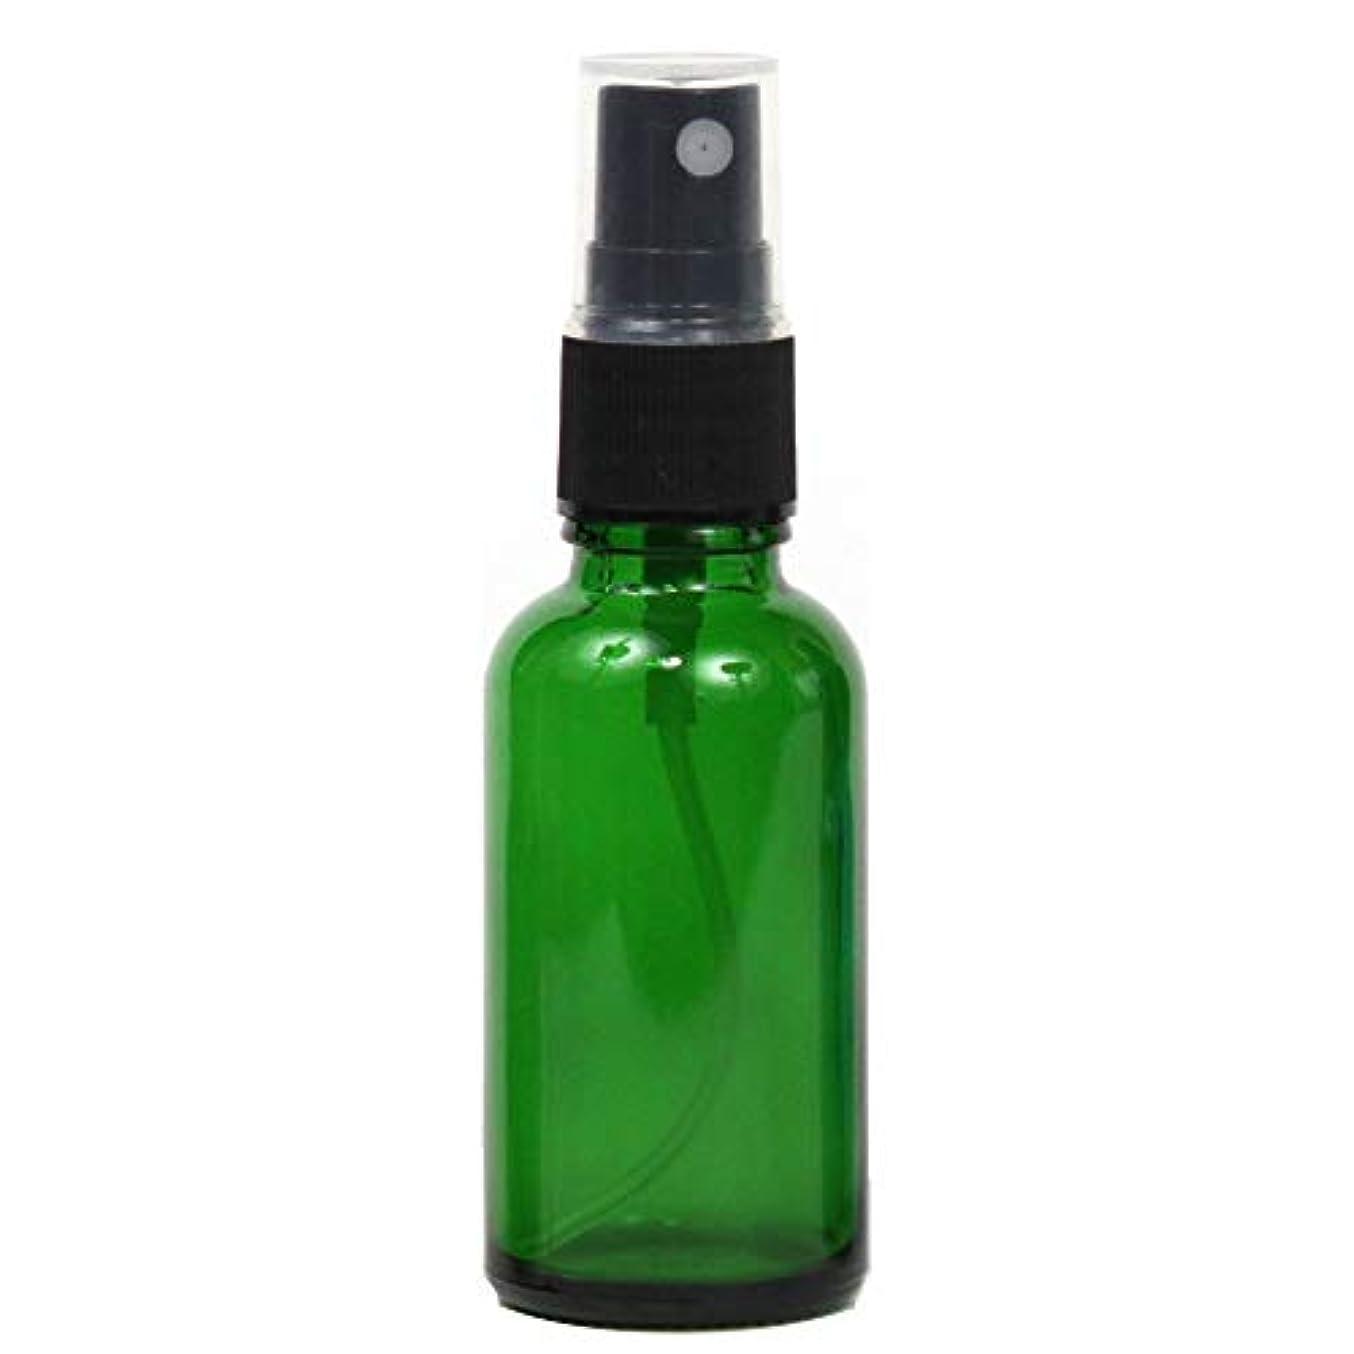 静脈銀河バイアススプレーボトル 30mL ガラス遮光性グリーン 瓶 空容器 グリーン 4個